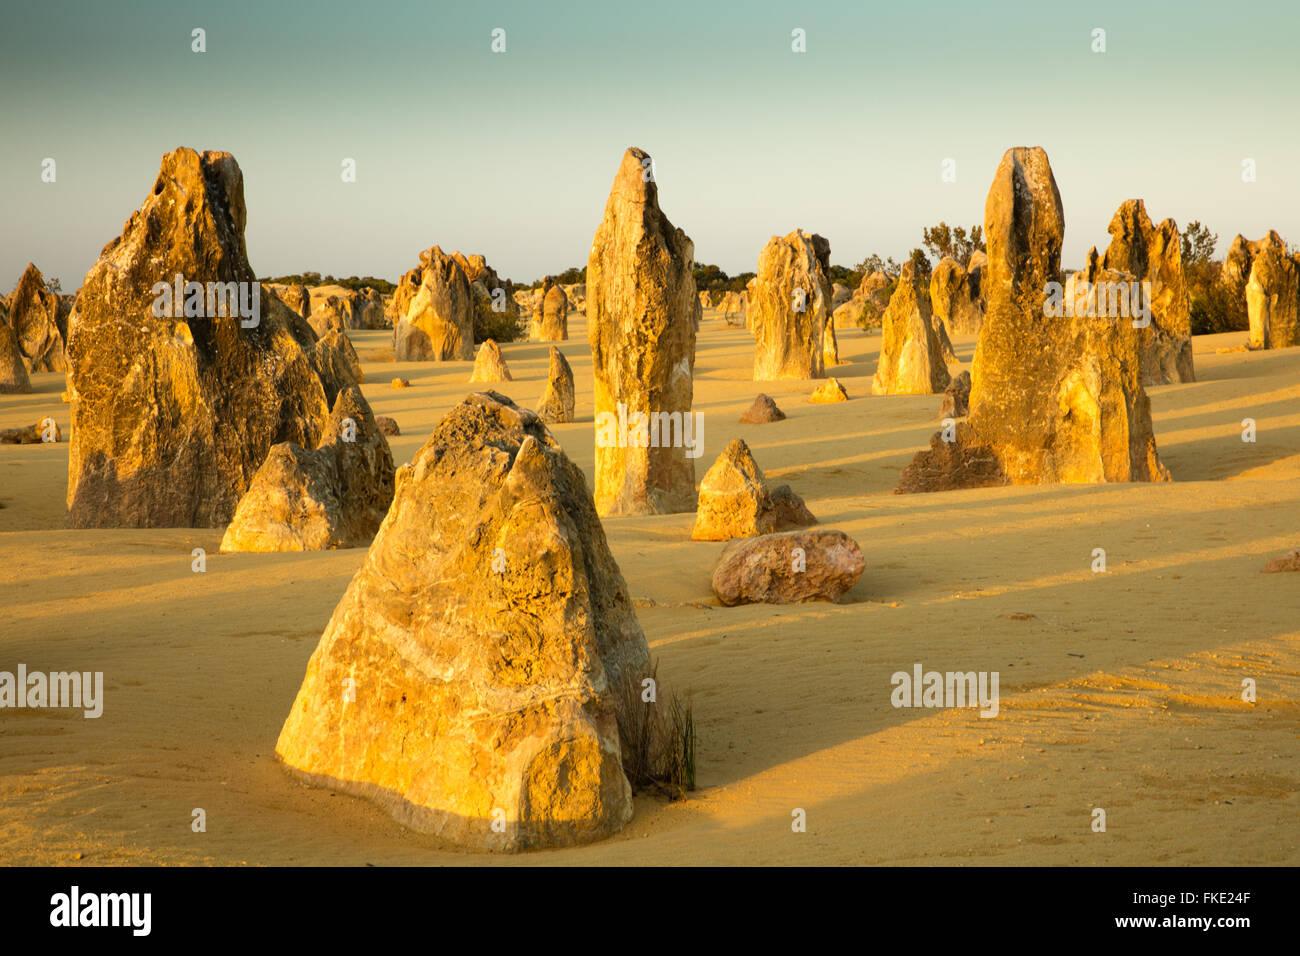 Los pináculos, formaciones de piedra caliza, el parque nacional de Nambung, cerca de Cervantes, Australia Occidental Imagen De Stock